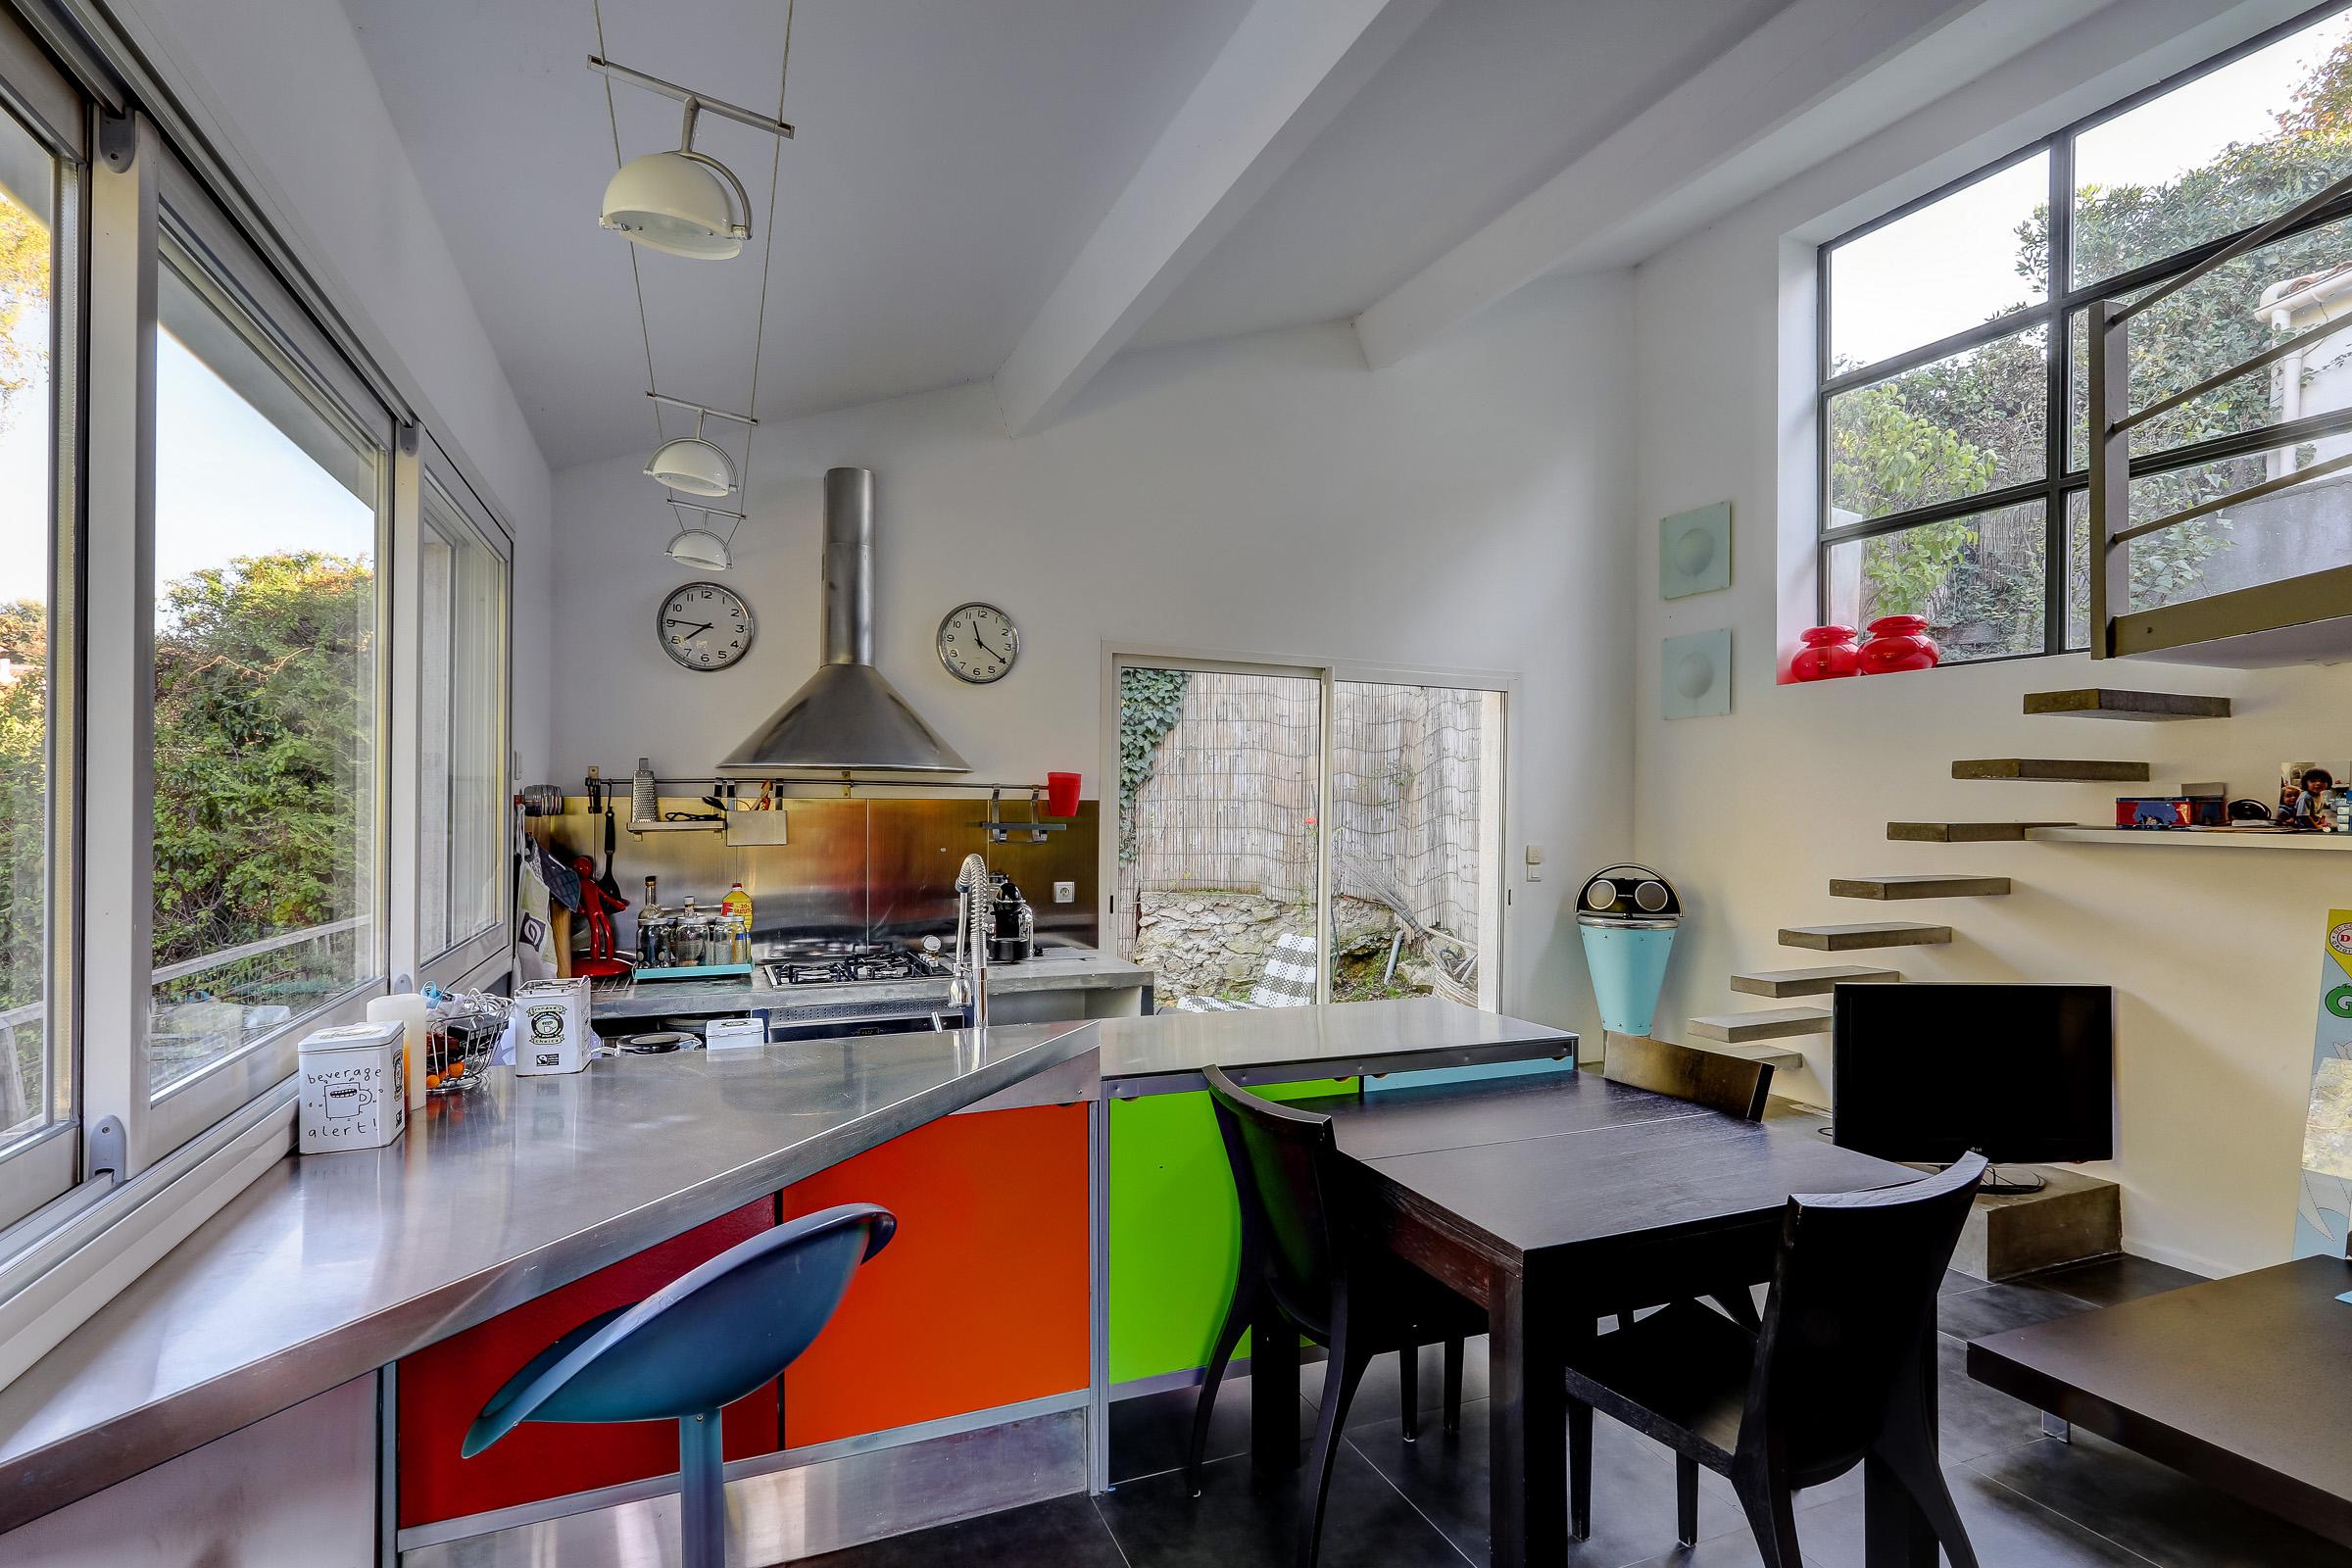 marseille_13012_saint julien_maisonindividuelle_terrasse_jardin_piscine_pleinsud_contemporaine_verriere_immenseterrasse_vuedegagee_studio_cuisine